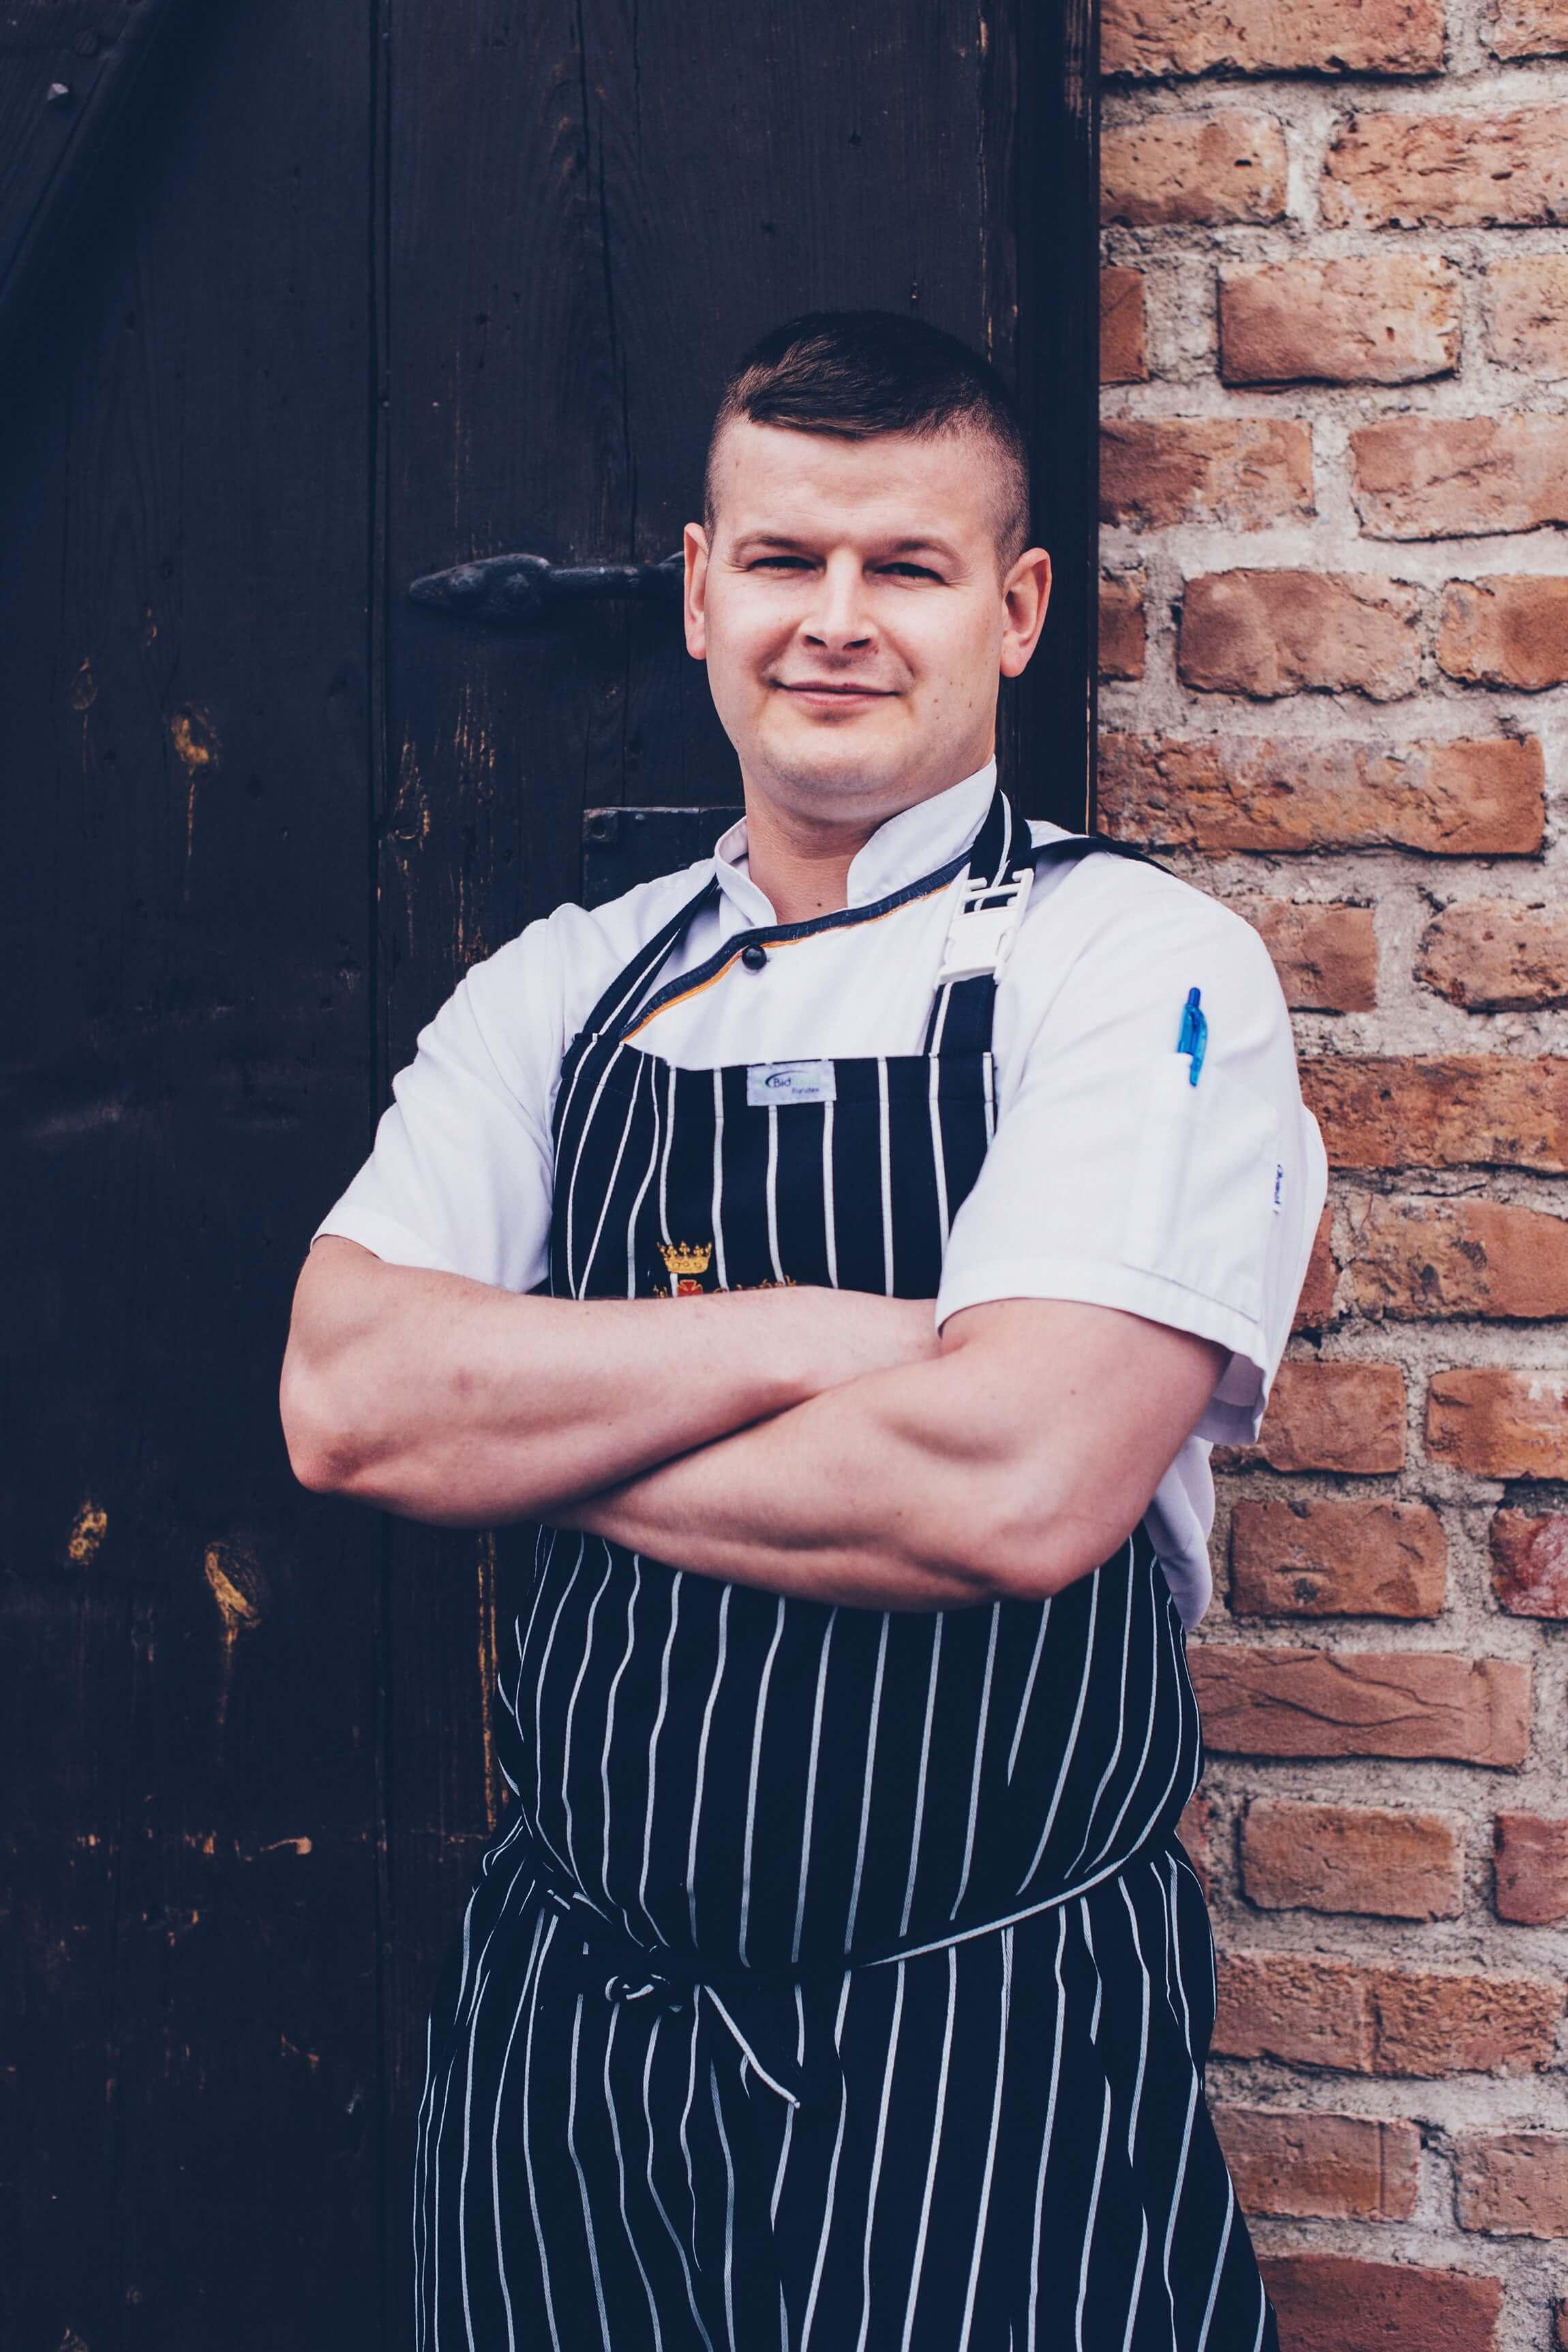 Chef of Brovarnia Gdańsk restaurant in Gdańsk